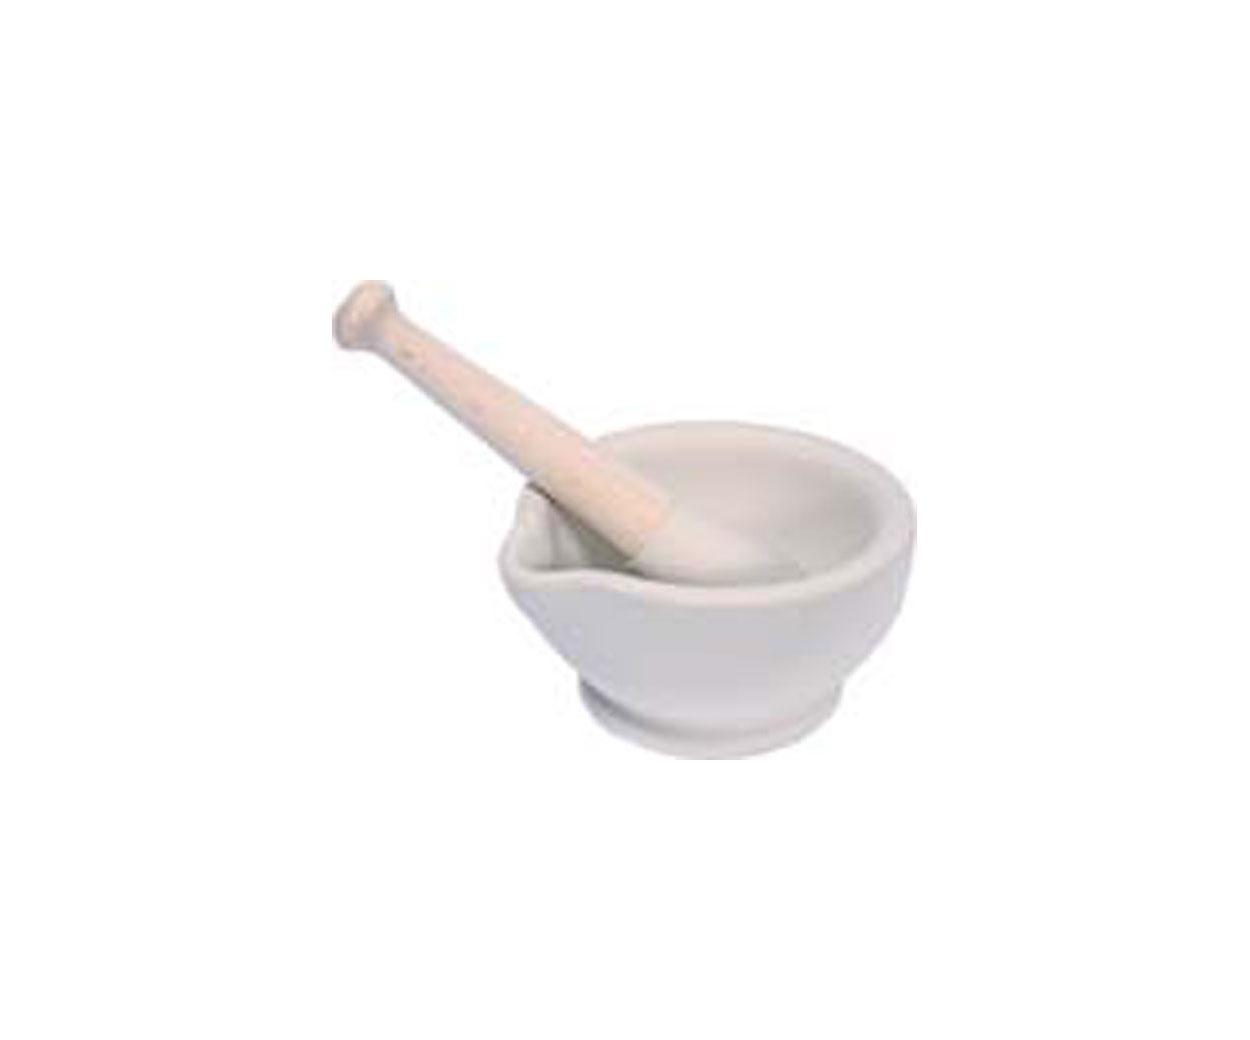 Mortar & Pestle Porcelain - 115mm